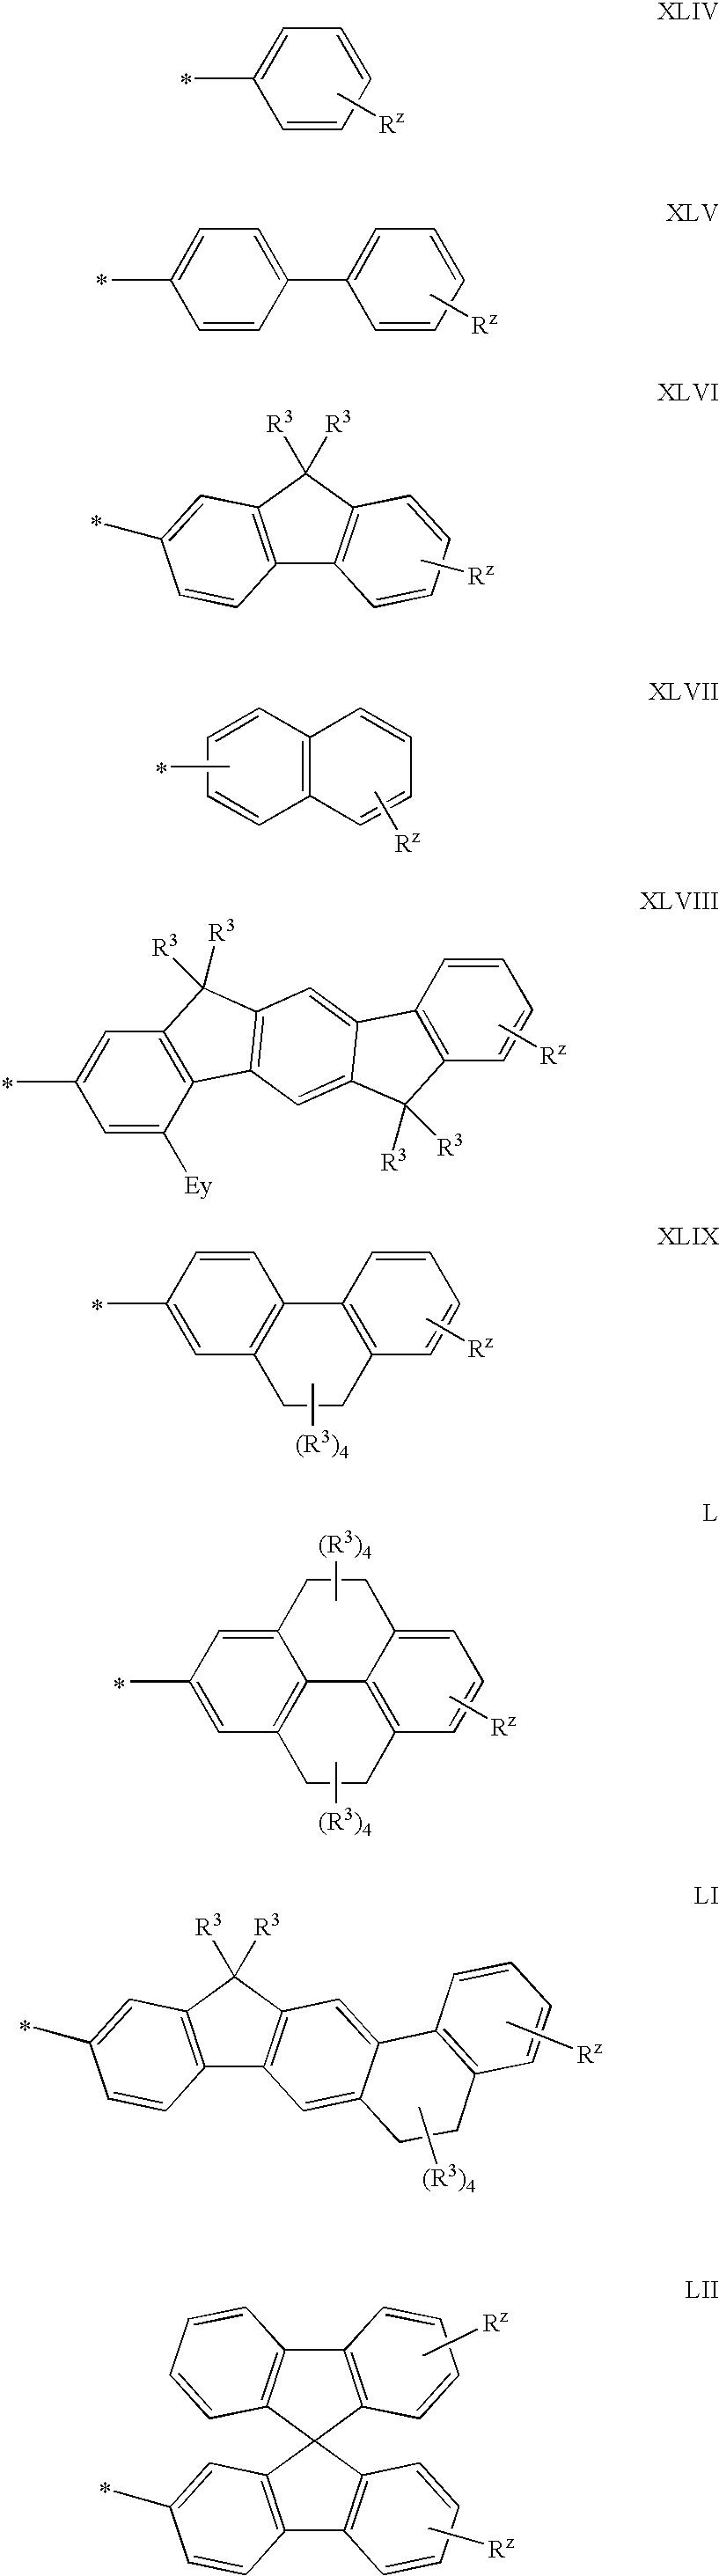 Figure US20040062930A1-20040401-C00075